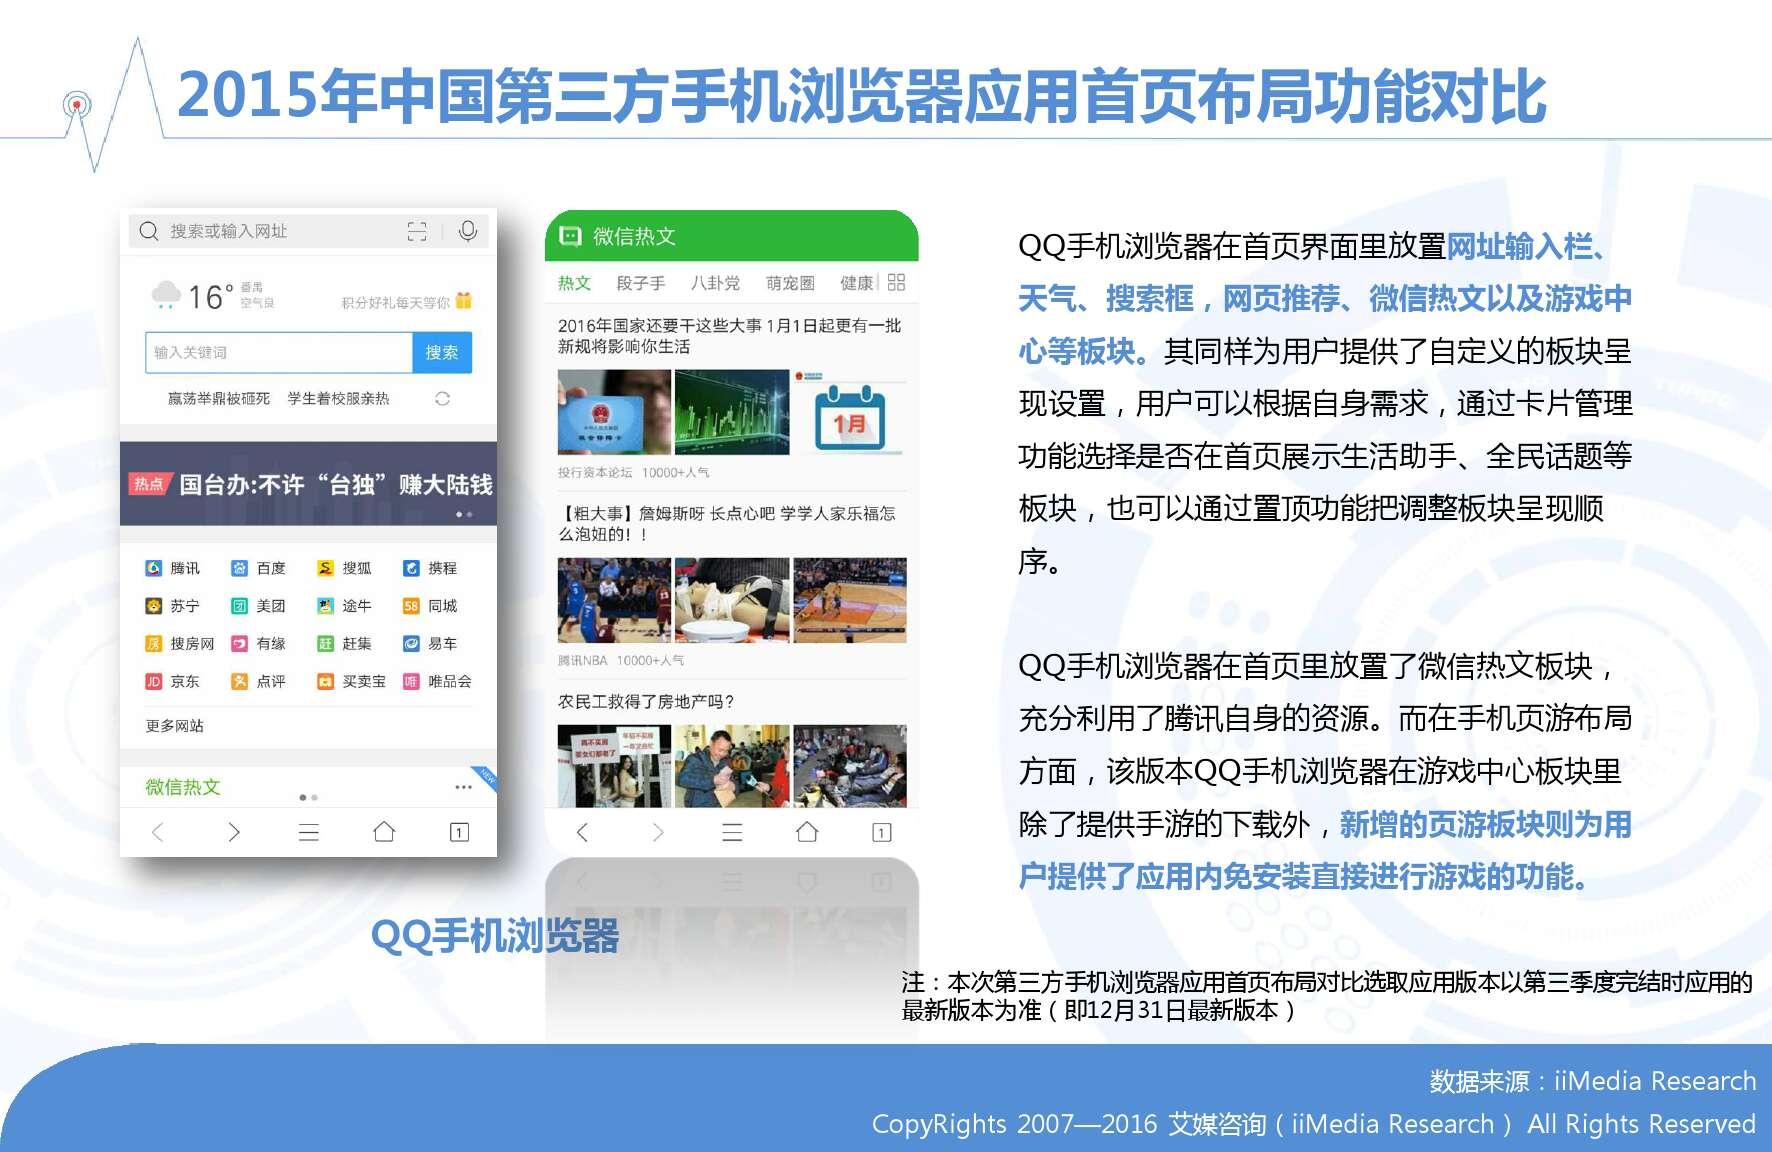 艾媒咨询:2015-2016年中国手机浏览器市场研究报告_000029